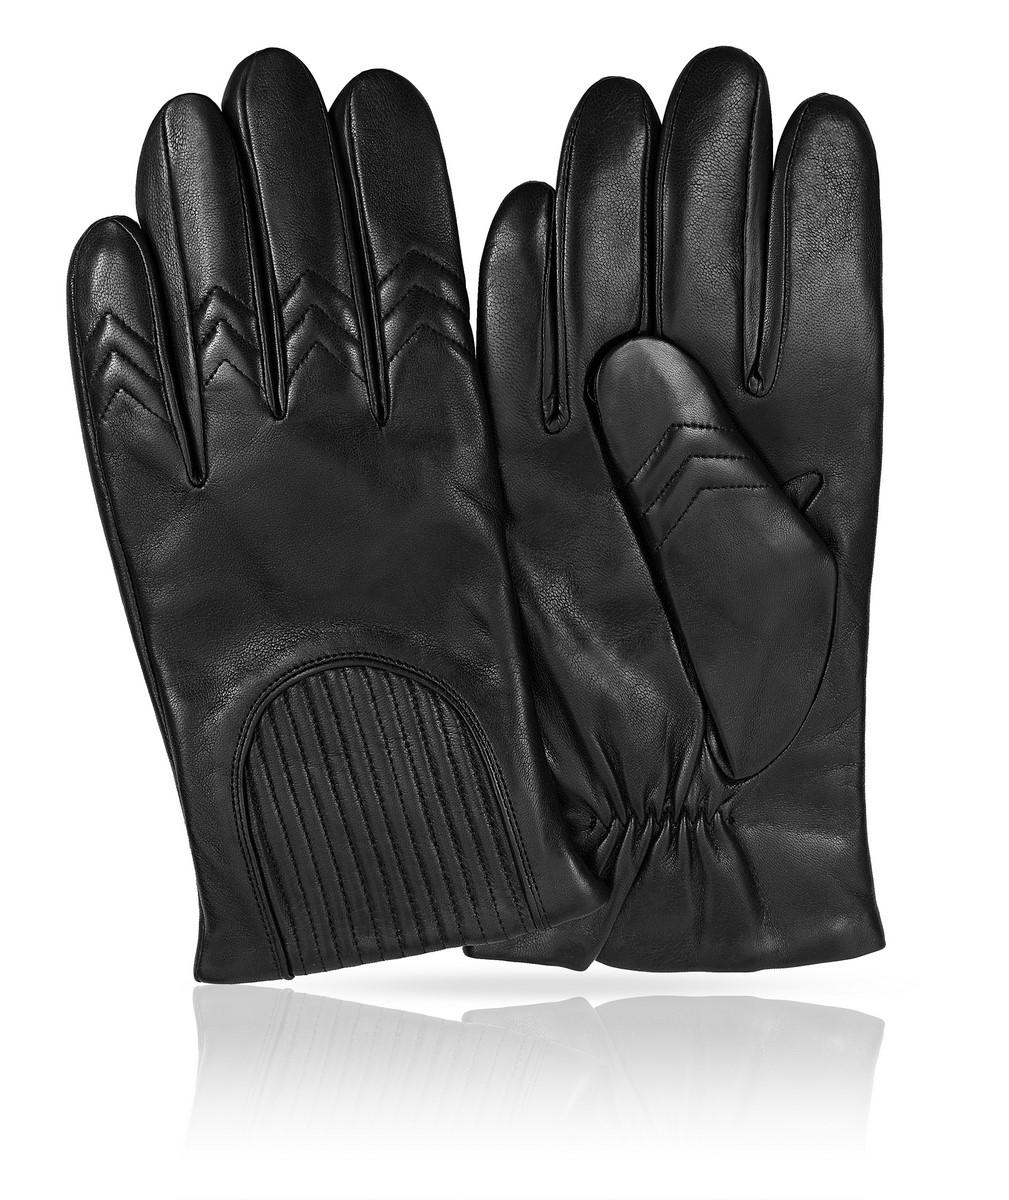 K11-CAVILE/BLМужские перчатки Michel Katana не только защитят ваши руки, но и станут великолепным украшением. Перчатки выполнены из натуральной кожи, а подкладка - из высококачественной шерсти. Модель оформлена декоративными прострочками.